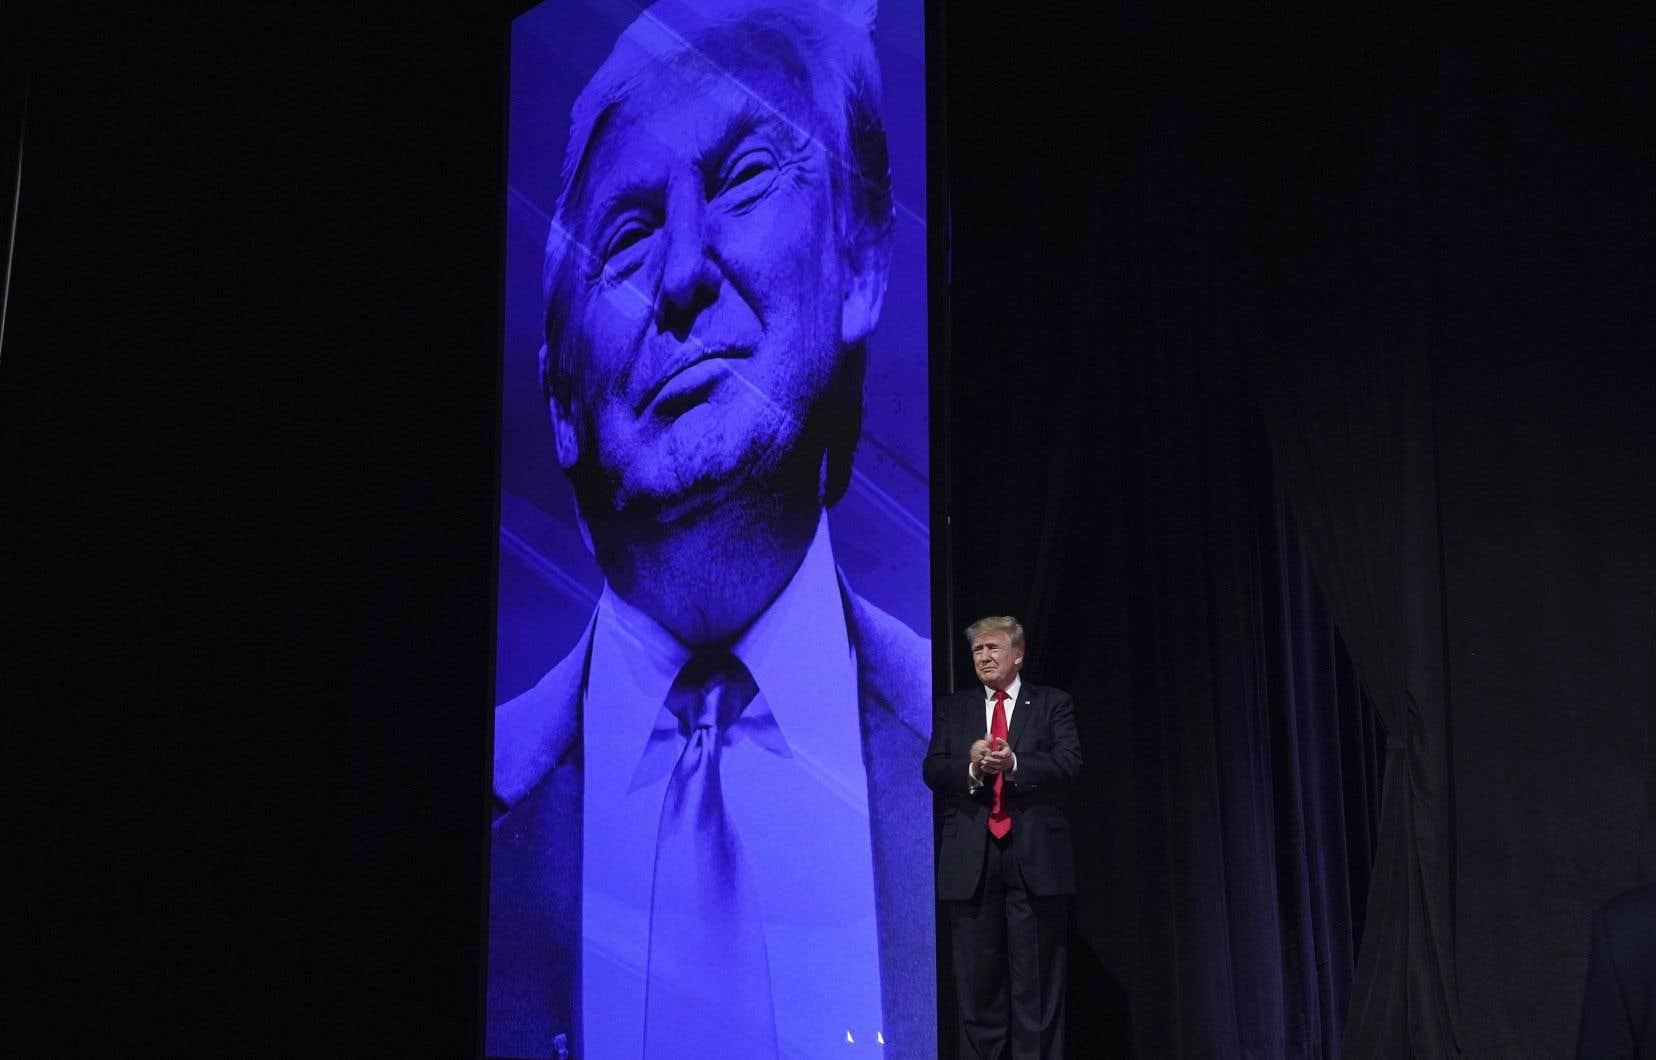 L'ancien président républicain Donald Trump, lors d'un rassemblement avec ses partisans, à Phoenix, en juillet dernier